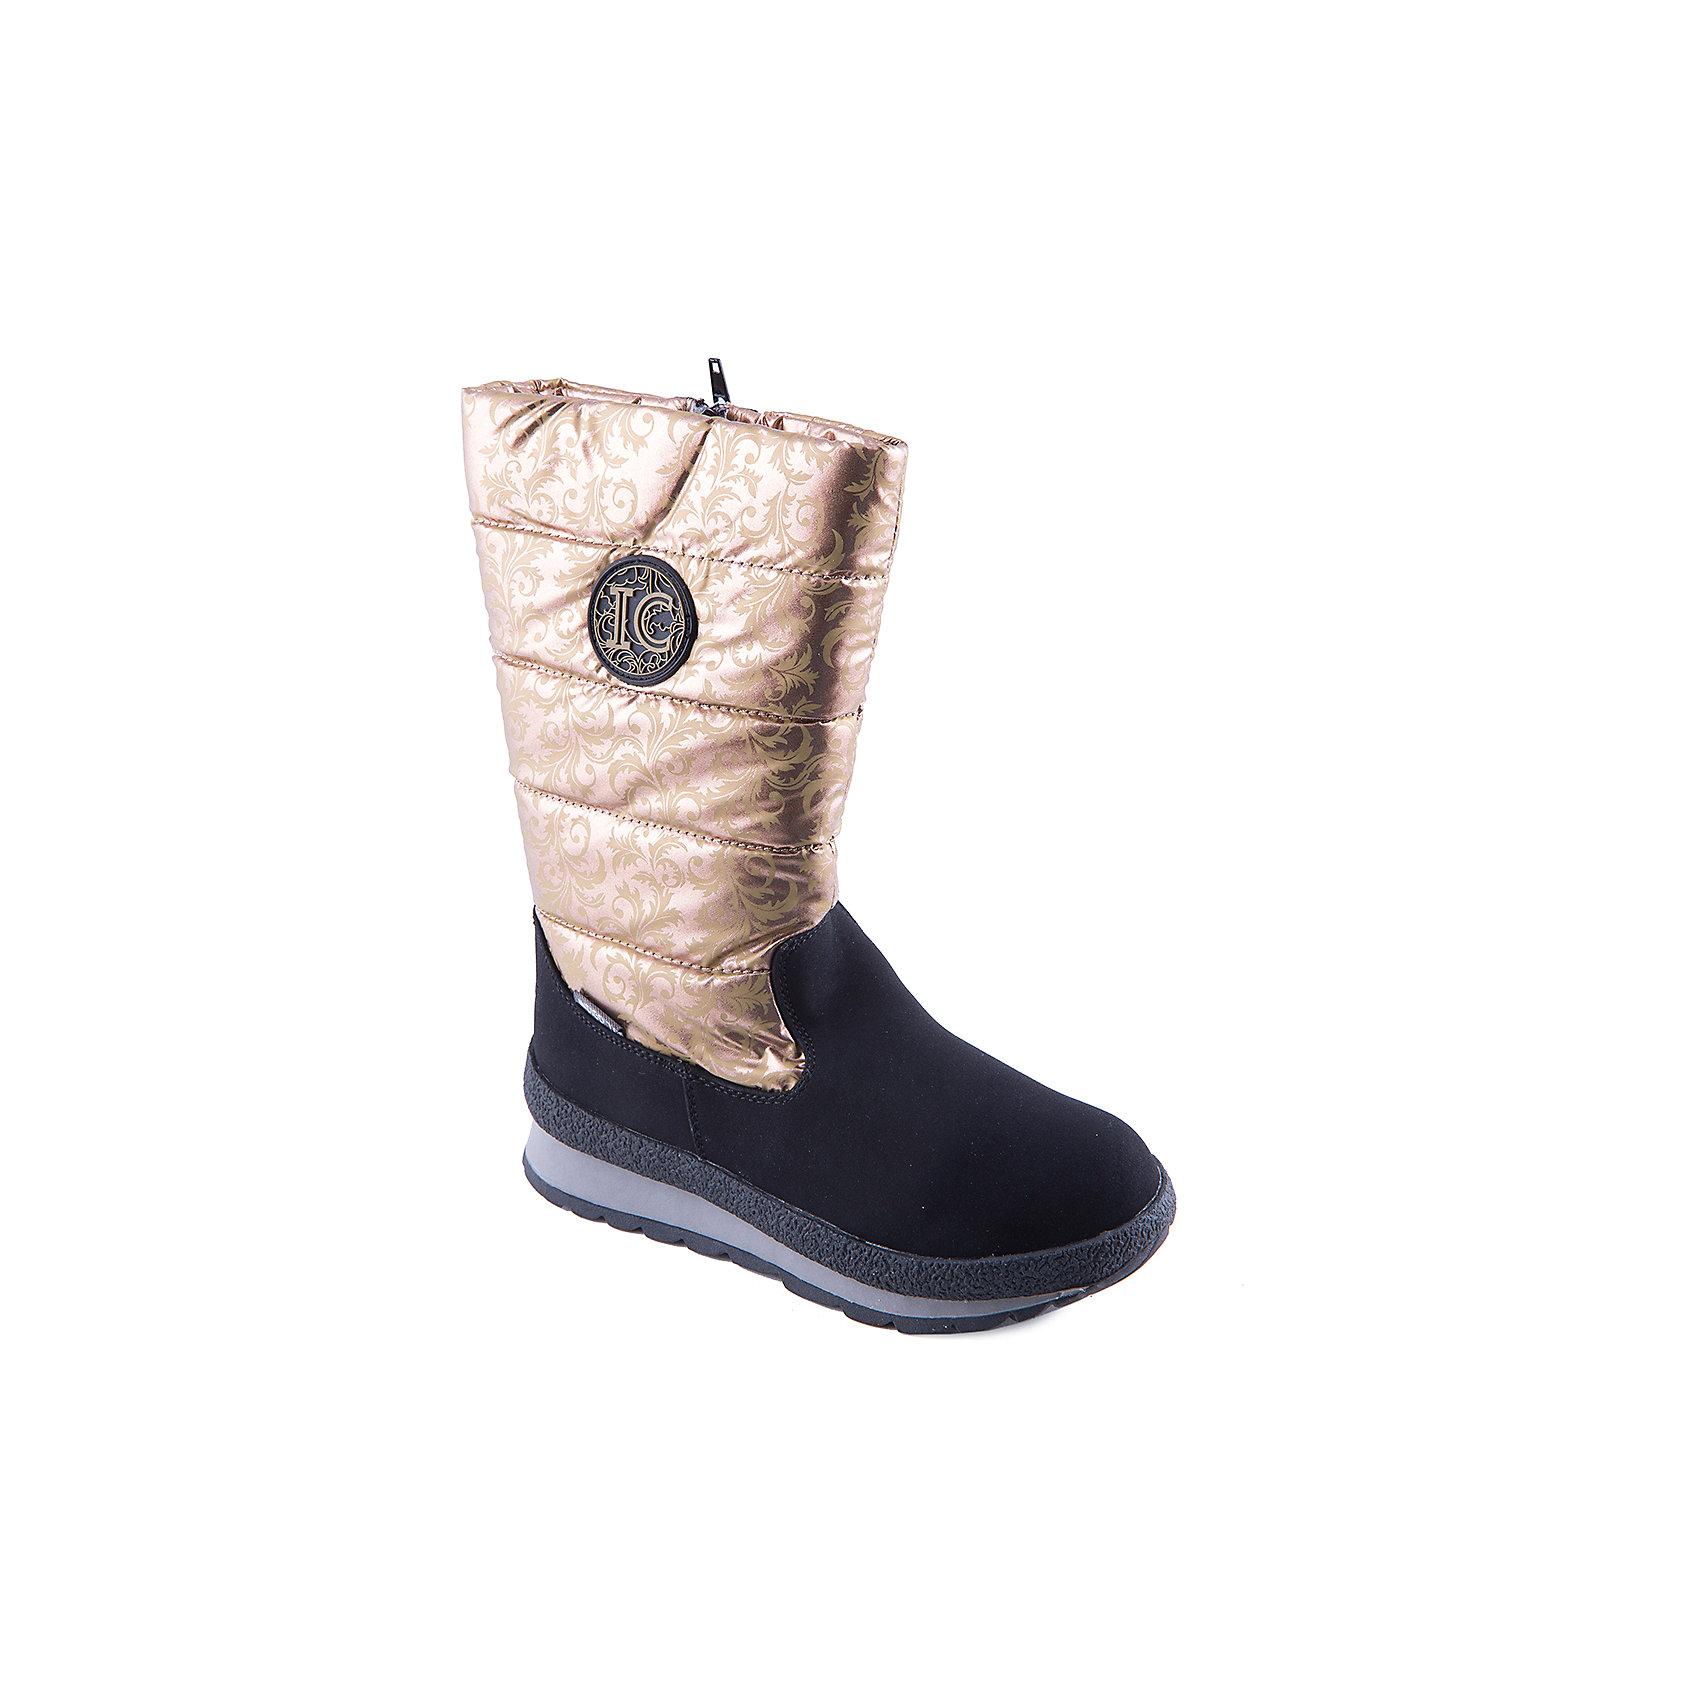 Сапоги для девочки Indigo kidsСапоги для девочки от популярной марки Indigo kids.<br>Дутые сапоги надежно согреют детские ноги зимой благодаря подкладке из натуральной шерсти. Они сделаны с применением технологии INDIGO TEX – это мембранный материал, выводящий влагу из обуви наружу, но не позволяющий сырости проникать внутрь.<br>Отличительные особенности модели:<br>- оригинальный дизайн, голенище золотистого цвета;<br>- комфортная колодка;<br>- толстая устойчивая подошва;<br>- удобная молния сбоку;<br>- качественная подкладка из шерсти;<br>- мембрана INDIGO TEX.<br>Дополнительная информация:<br>- Сезон: зима.<br>- Состав:<br>материал верха: текстиль/искусственная кожа<br>материал подкладки: шерсть<br>подошва: ТЭП.<br>Сапоги для девочки Indigo kids (Индиго кидс можно купить в нашем магазине.<br><br>Ширина мм: 257<br>Глубина мм: 180<br>Высота мм: 130<br>Вес г: 420<br>Цвет: золотой<br>Возраст от месяцев: 108<br>Возраст до месяцев: 120<br>Пол: Женский<br>Возраст: Детский<br>Размер: 35,34,36,37,33,32<br>SKU: 4226002